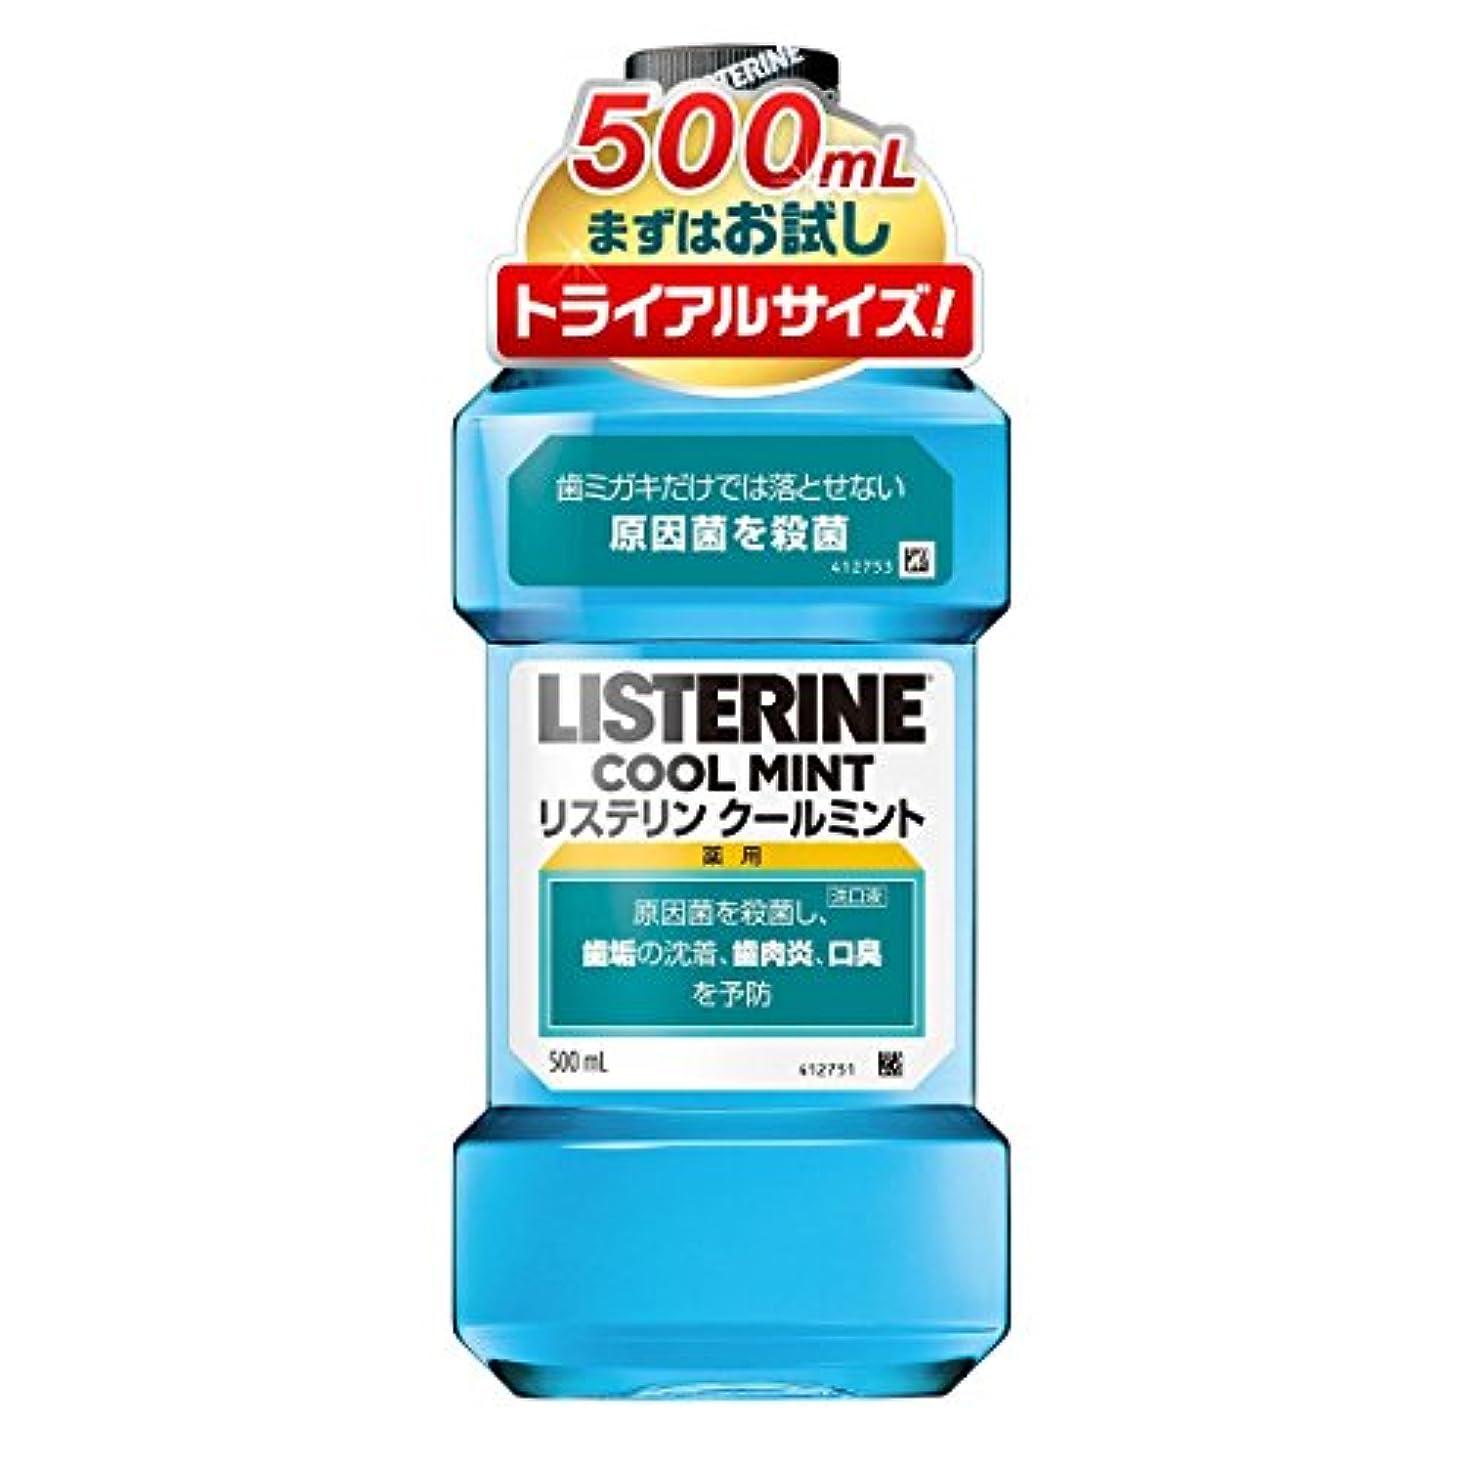 スロー牧草地地下室薬用 LISTERINE リステリン クールミント 500mL [医薬部外品]